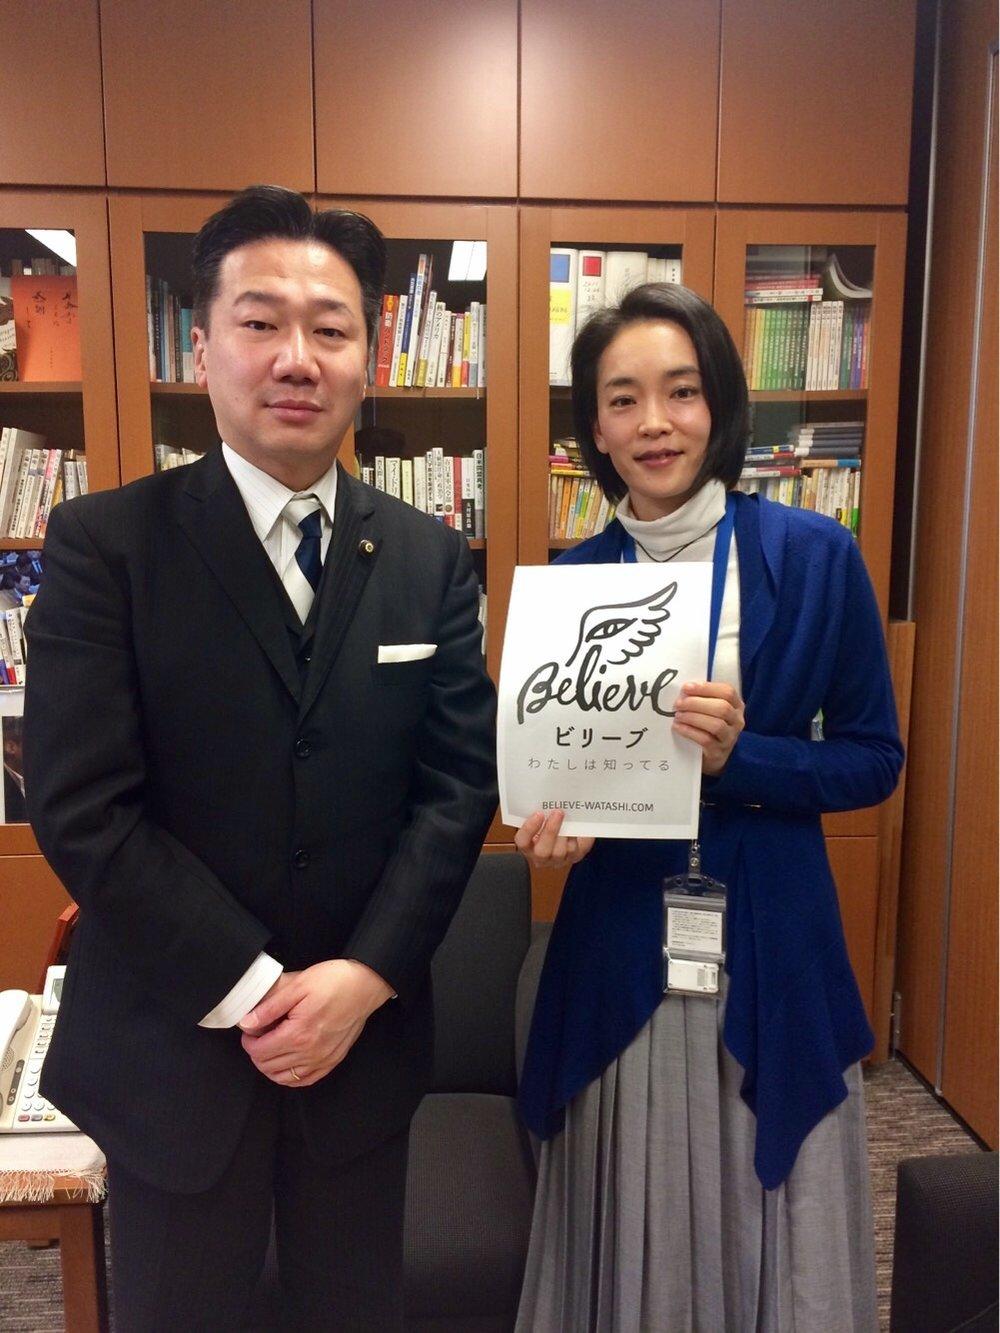 福山哲郎 参議院議員(民進).JPG